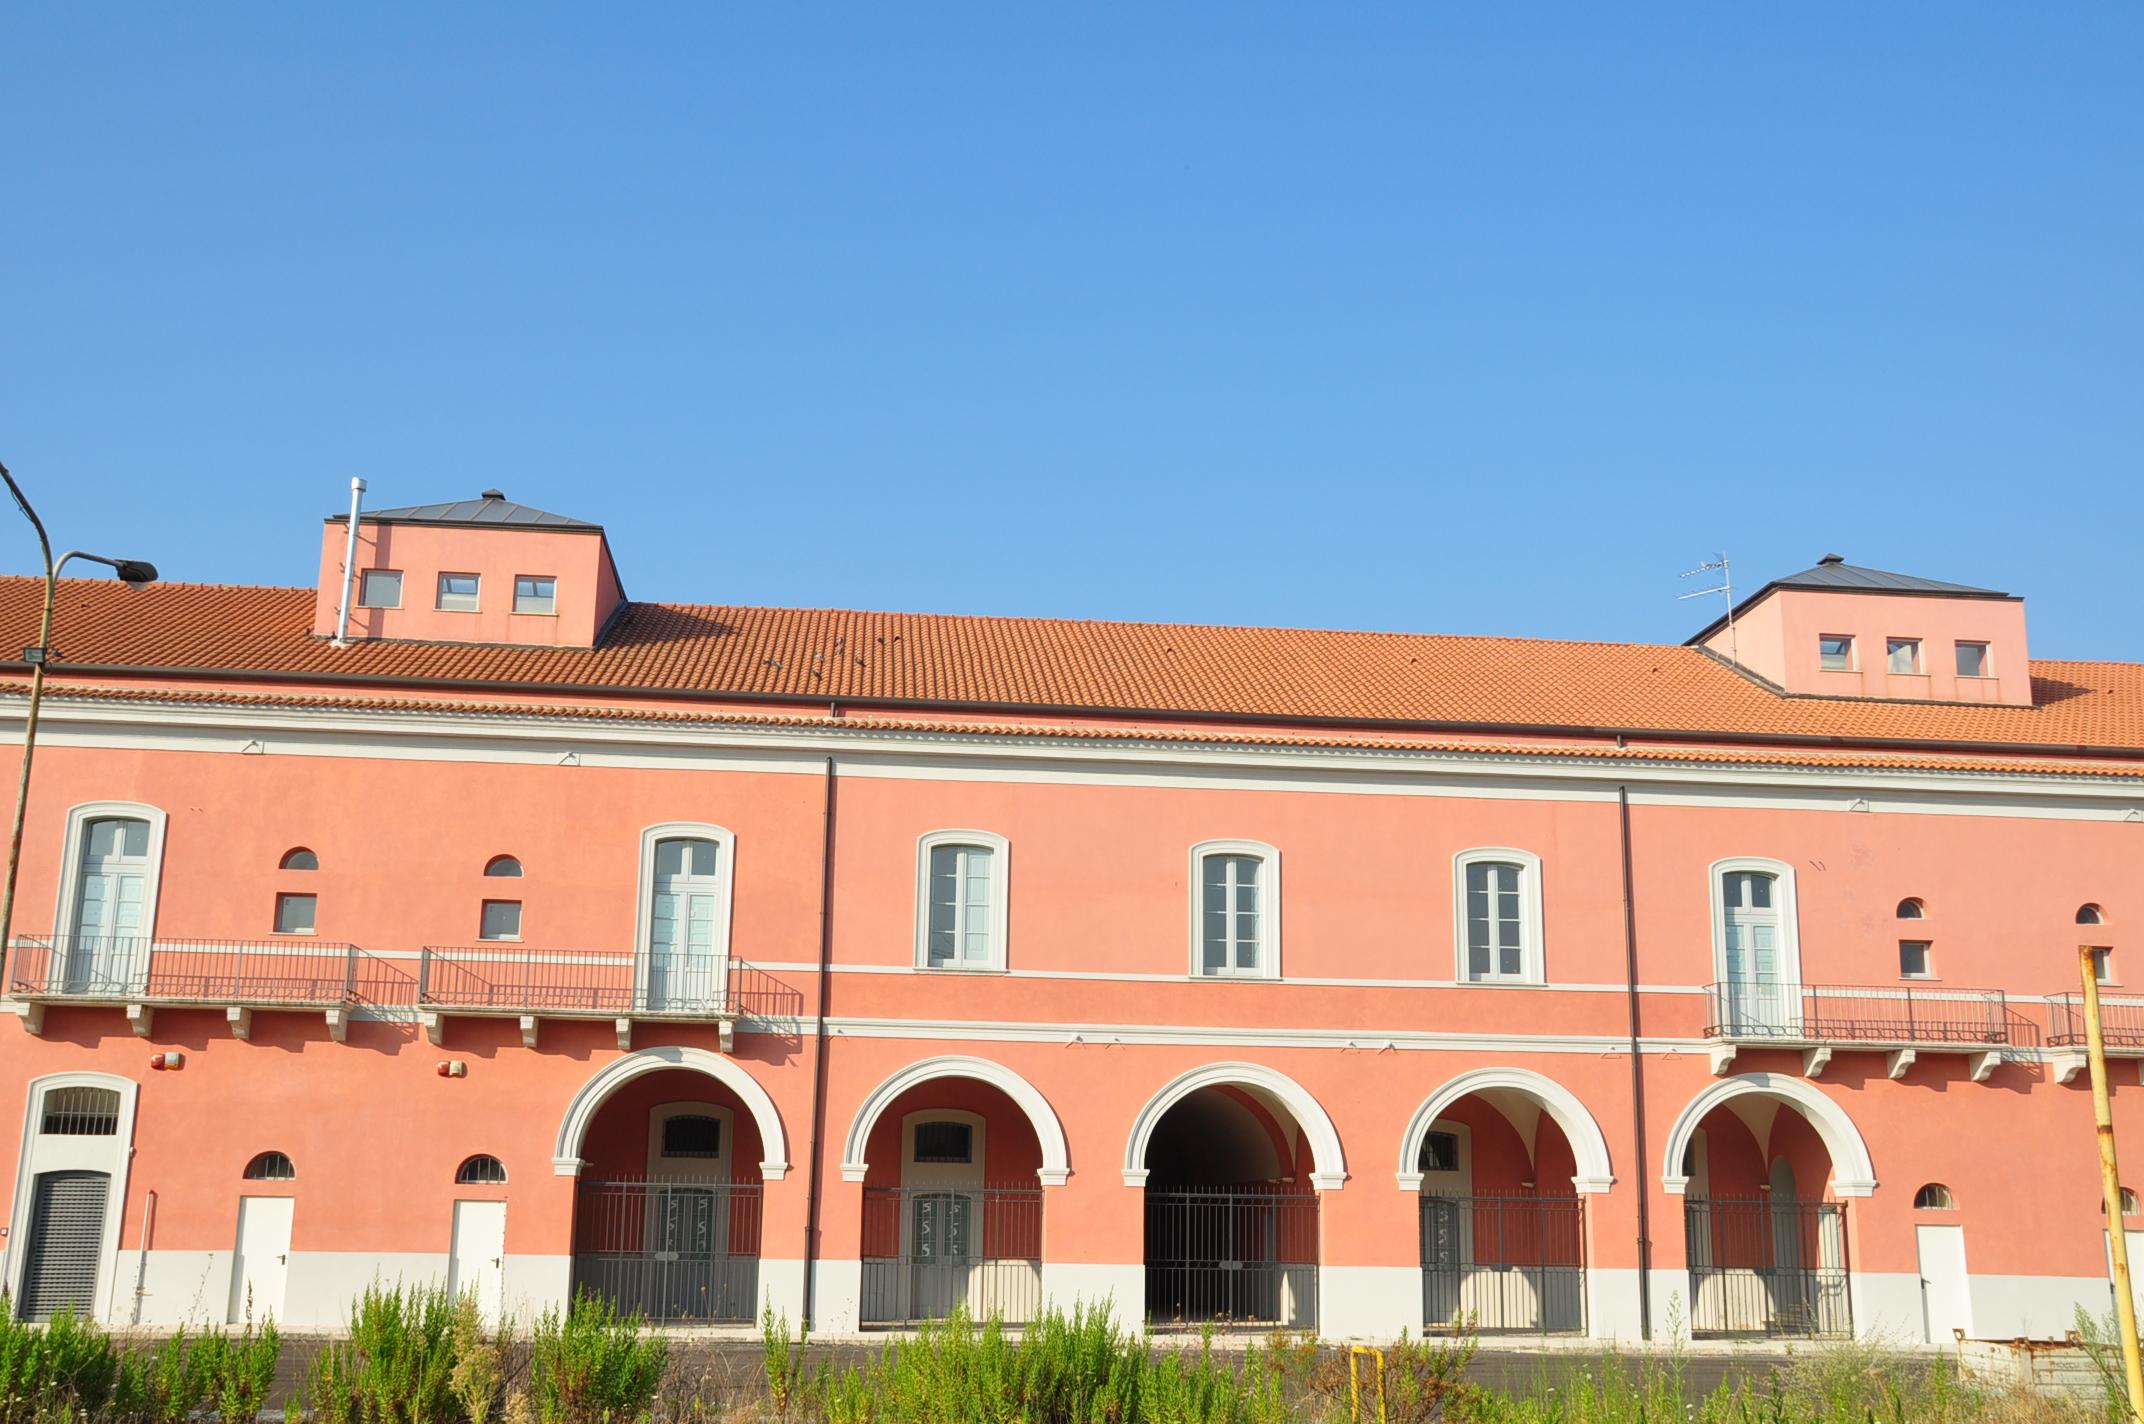 Nuovi locali per il Giudice di Pace all'ex Caserma Guidoni di Benevent